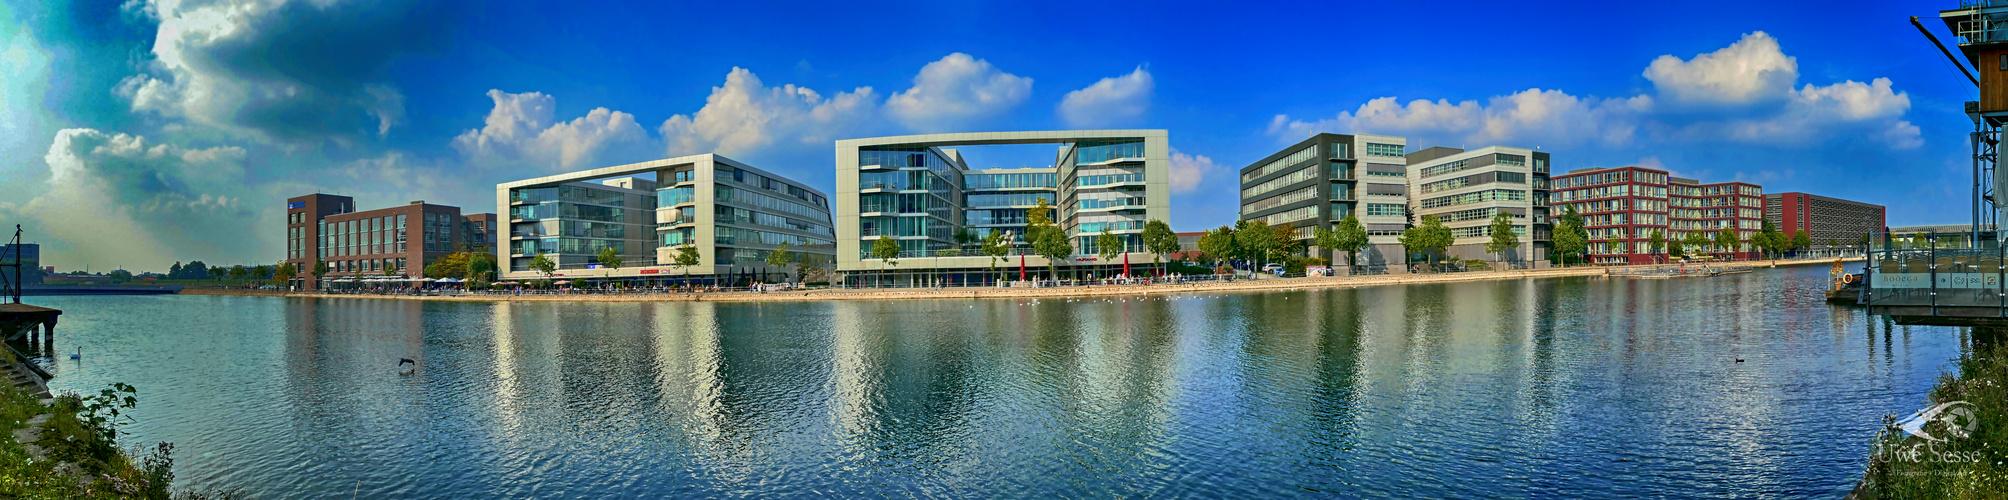 Duisburg Innenhafen 1 Panorama